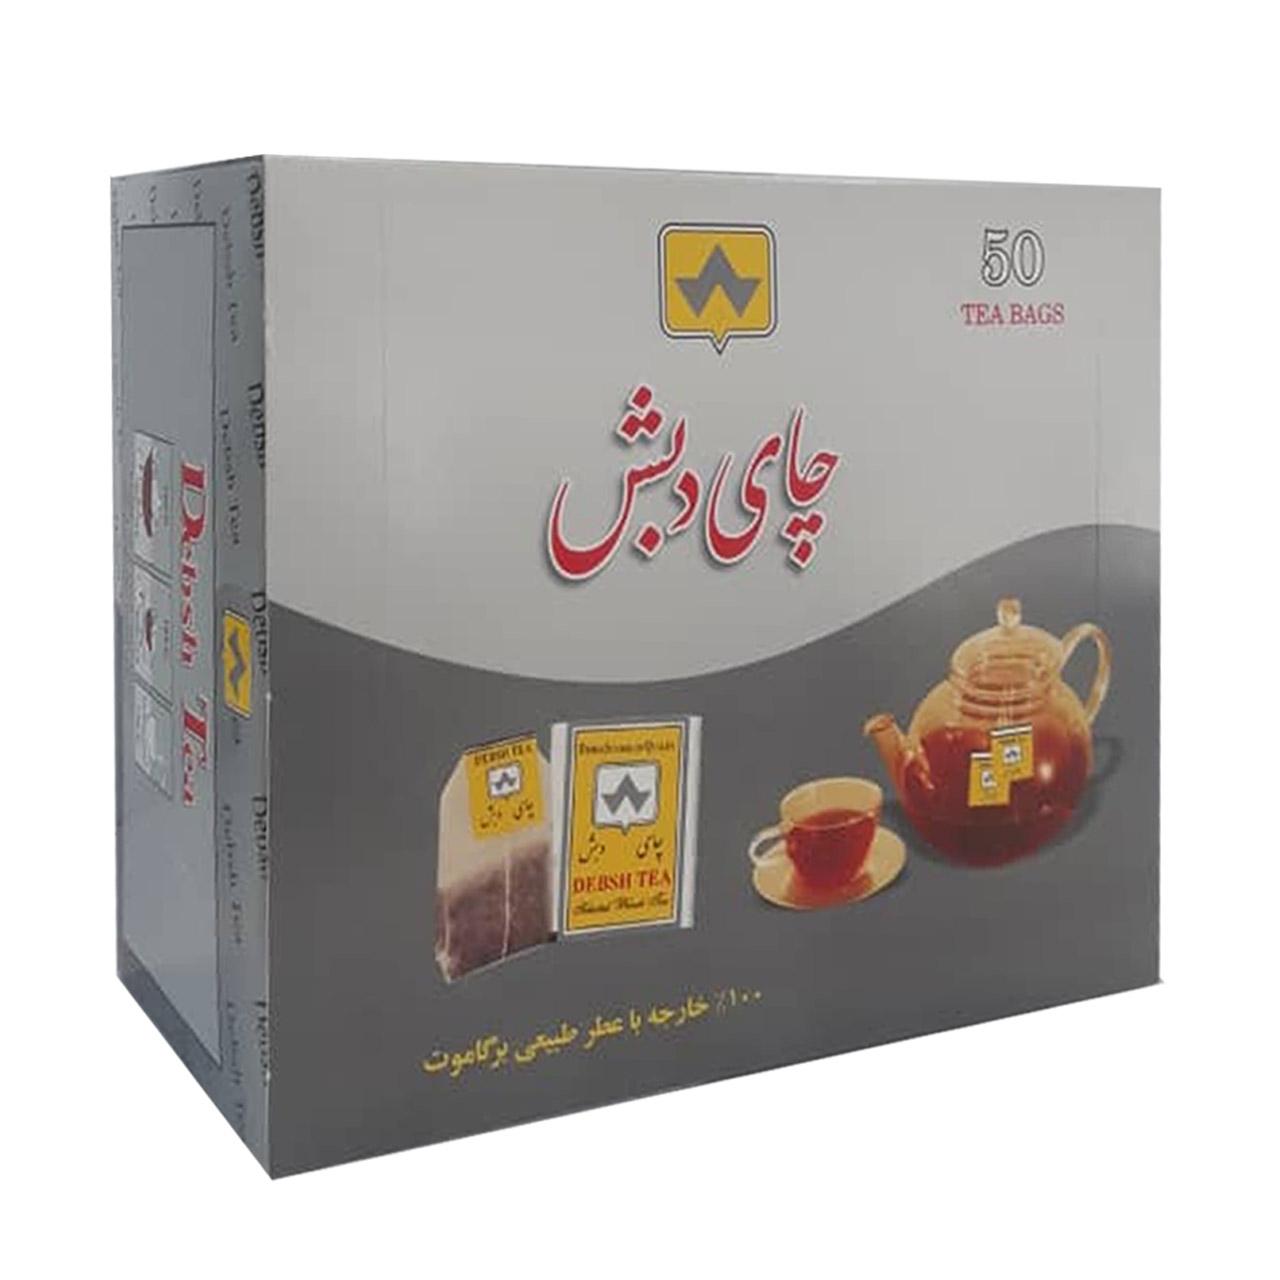 چای کیسه ای دبش برگاموت بسته 50 عددی